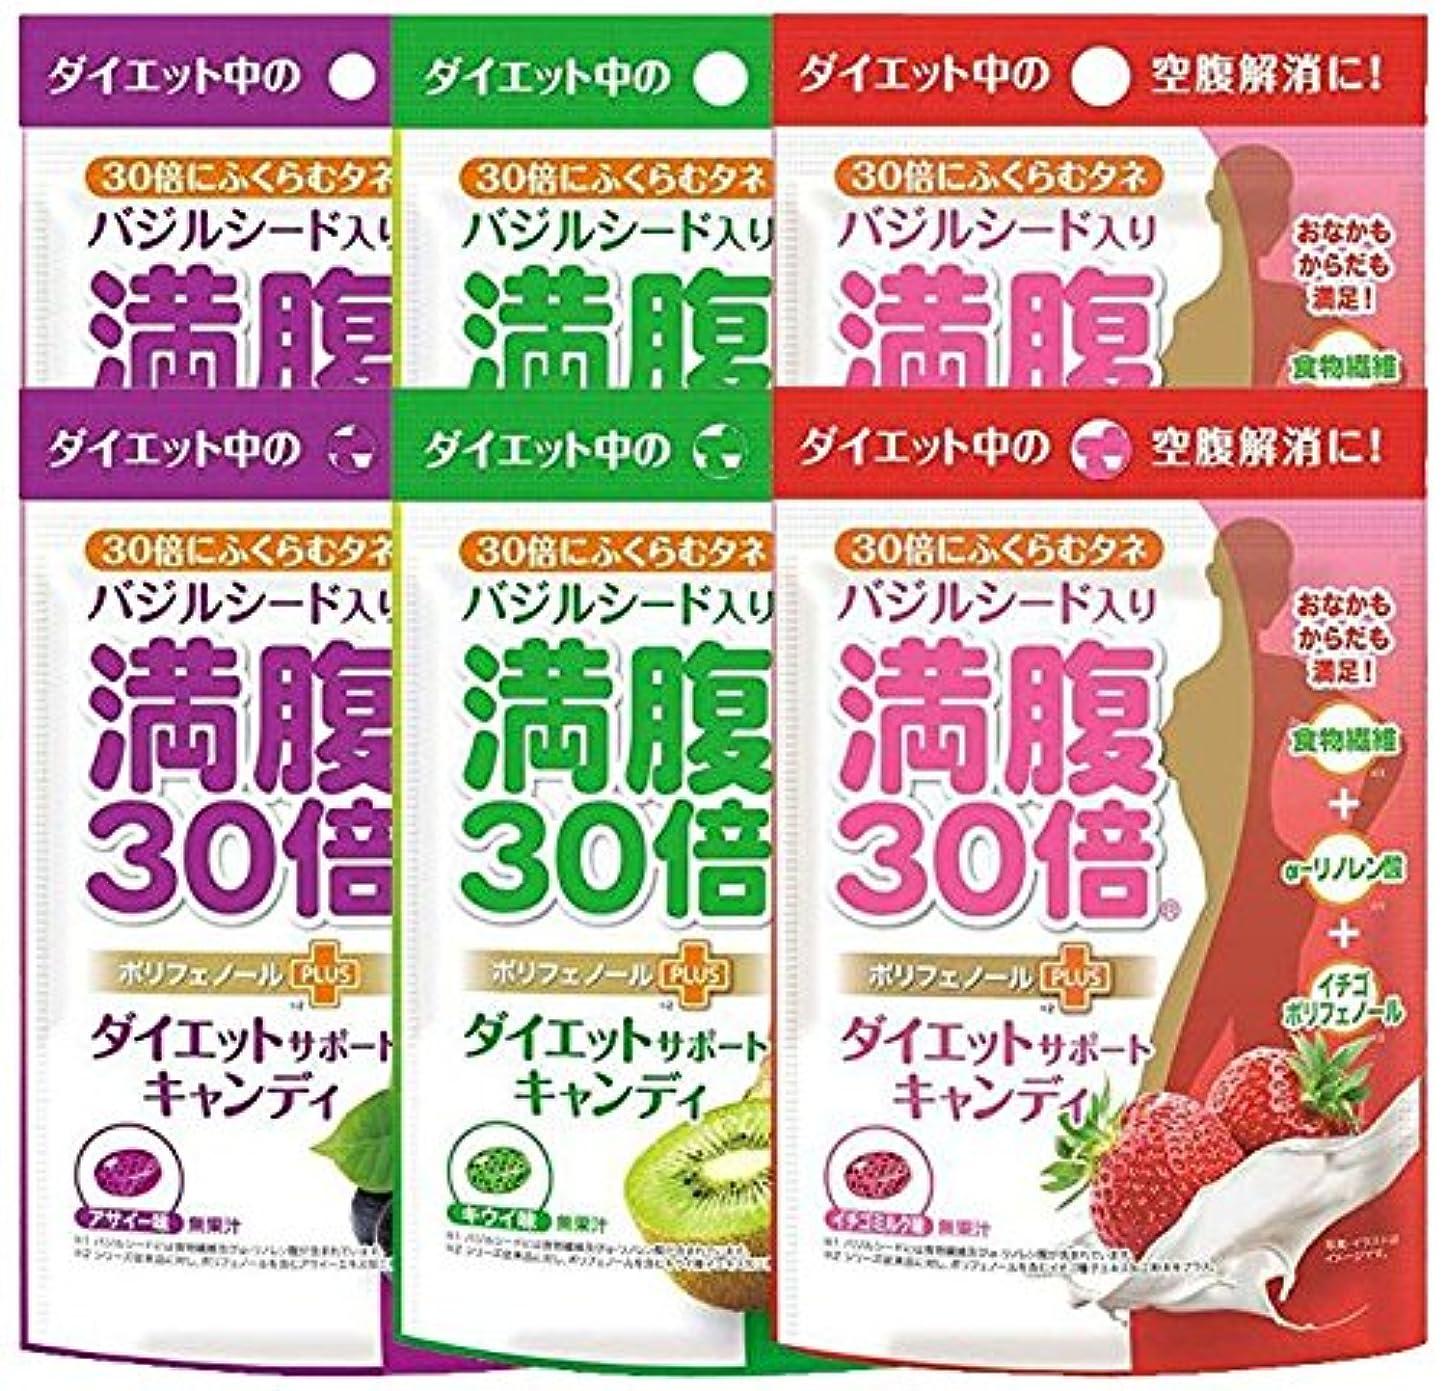 階下バルブ赤道満腹30倍 ダイエットサポートキャンディ 3種アソート( アサイー キウイ イチゴミルク 各2袋) 6袋